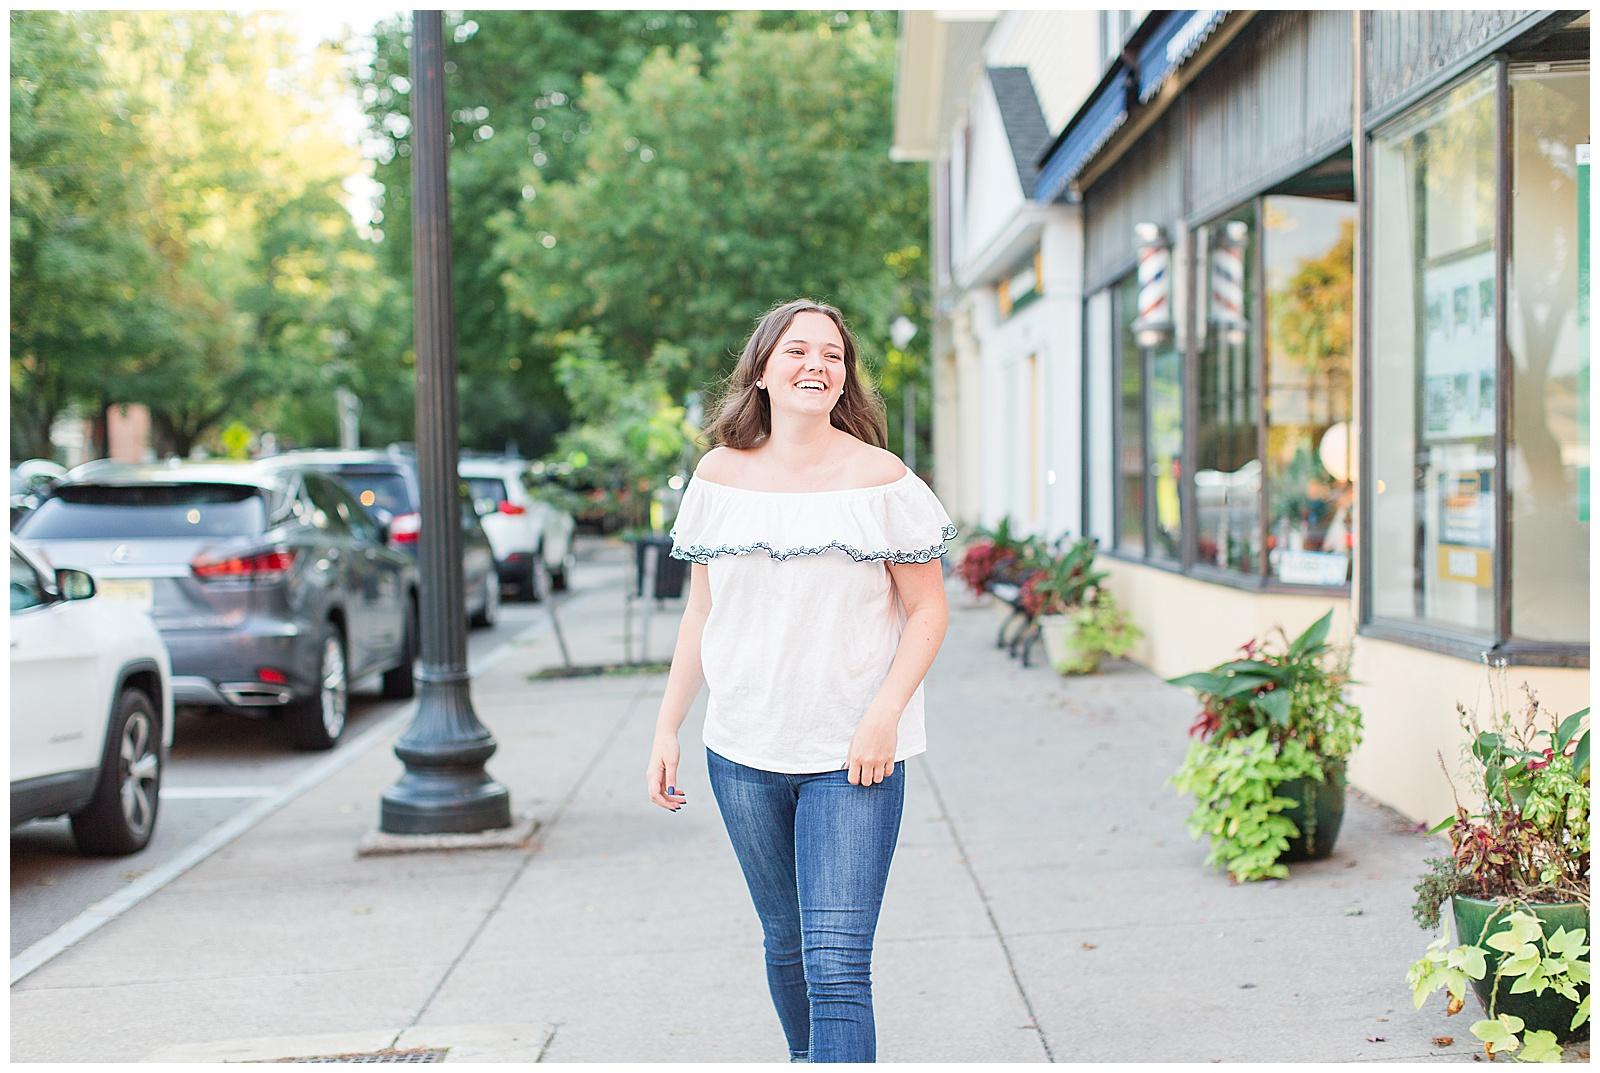 Pittsford NY Senior Portrait Photo_0642.jpg